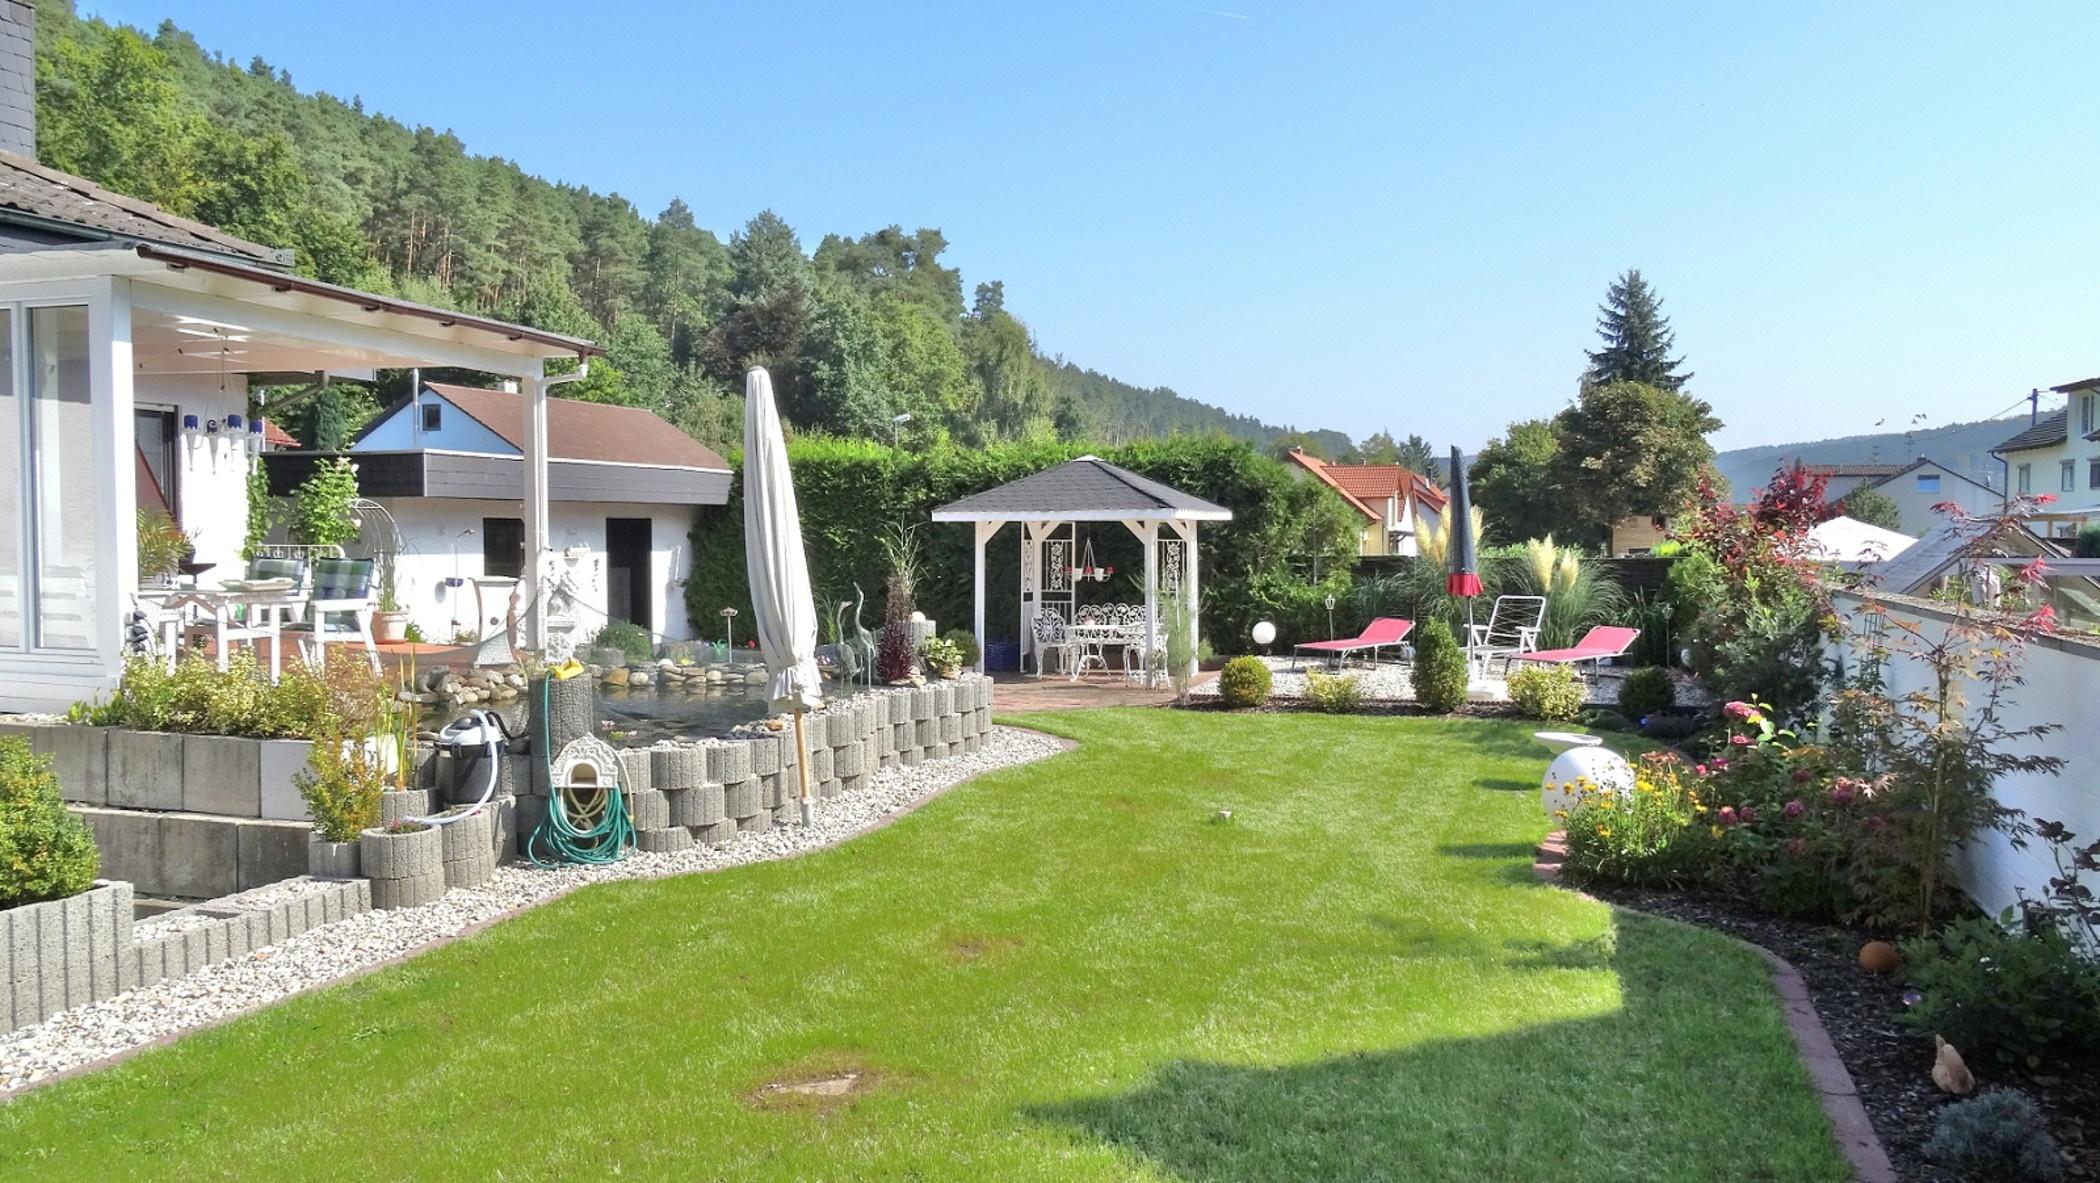 Der Natur so nah! Attraktiver Bungalow in idyllischer Waldrandlage von Altleinigen!, 67317 Altleiningen, Einfamilienhaus